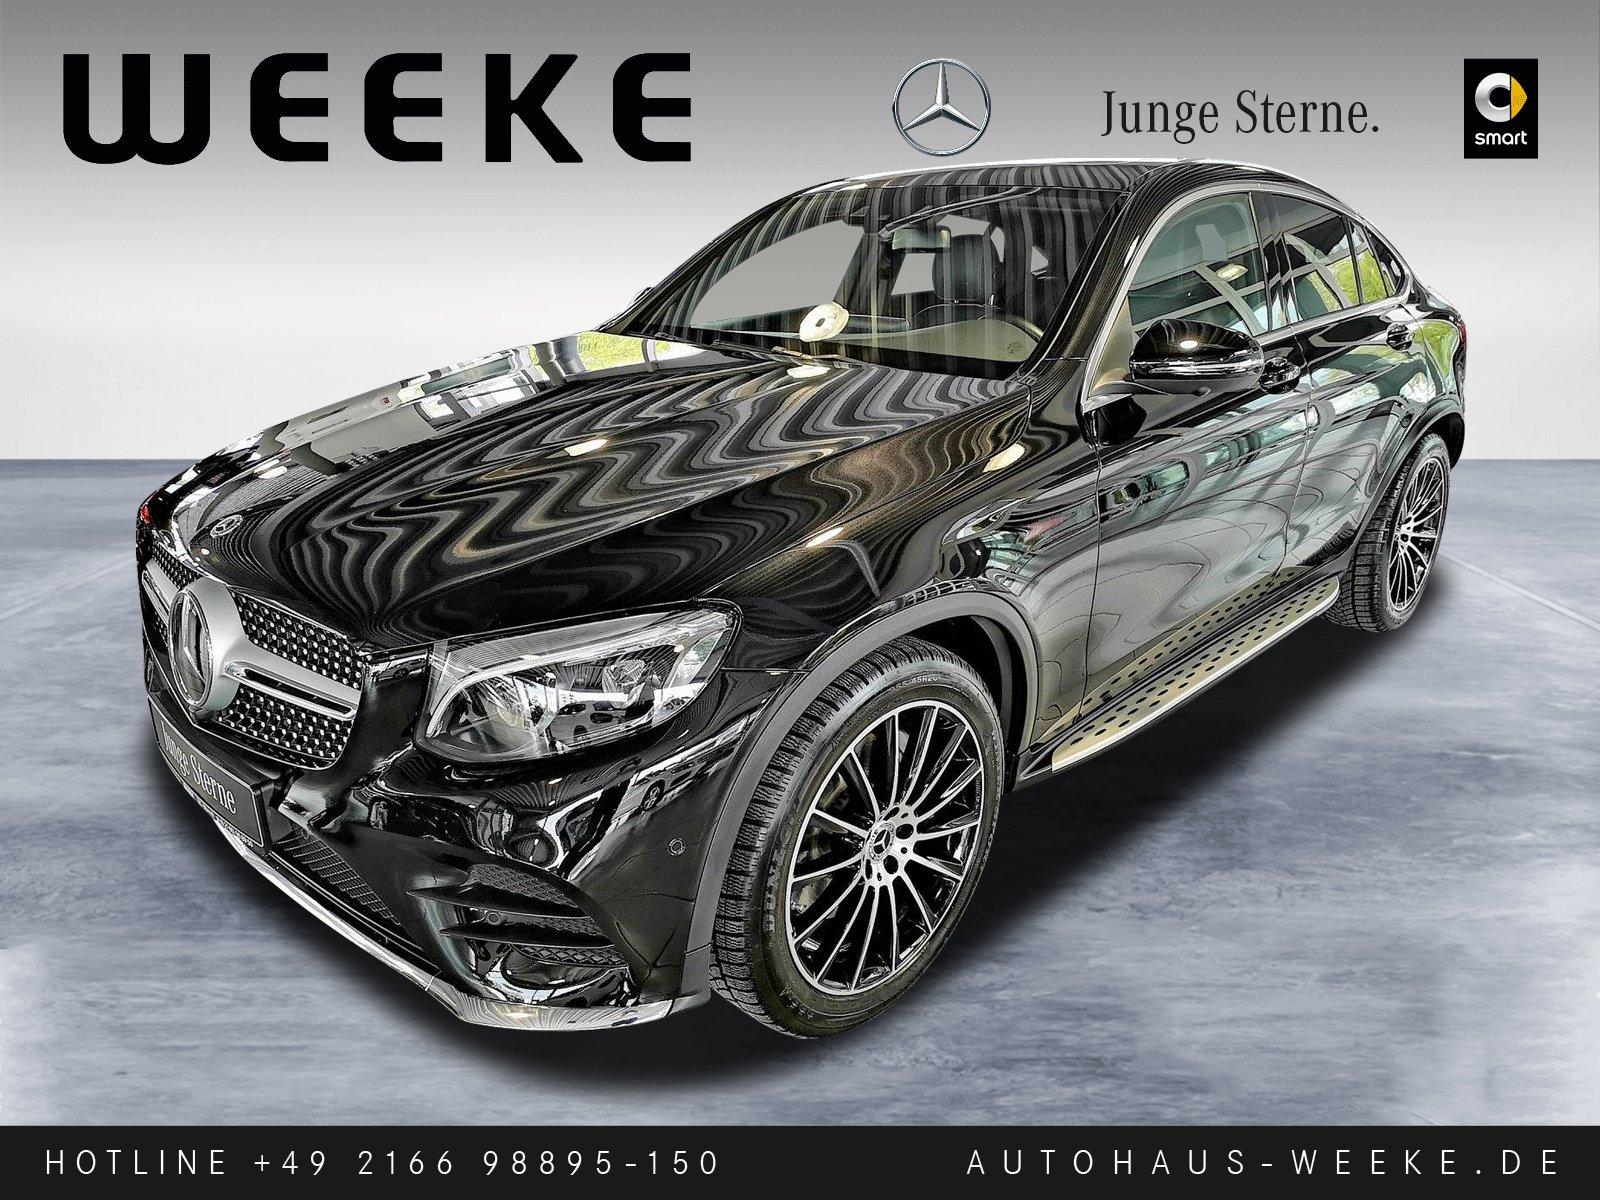 Mercedes-Benz GLC 300 Coupé 4M+AMG+AIR-BODY+360CAM+AHK+SD+DIST, Jahr 2016, Benzin